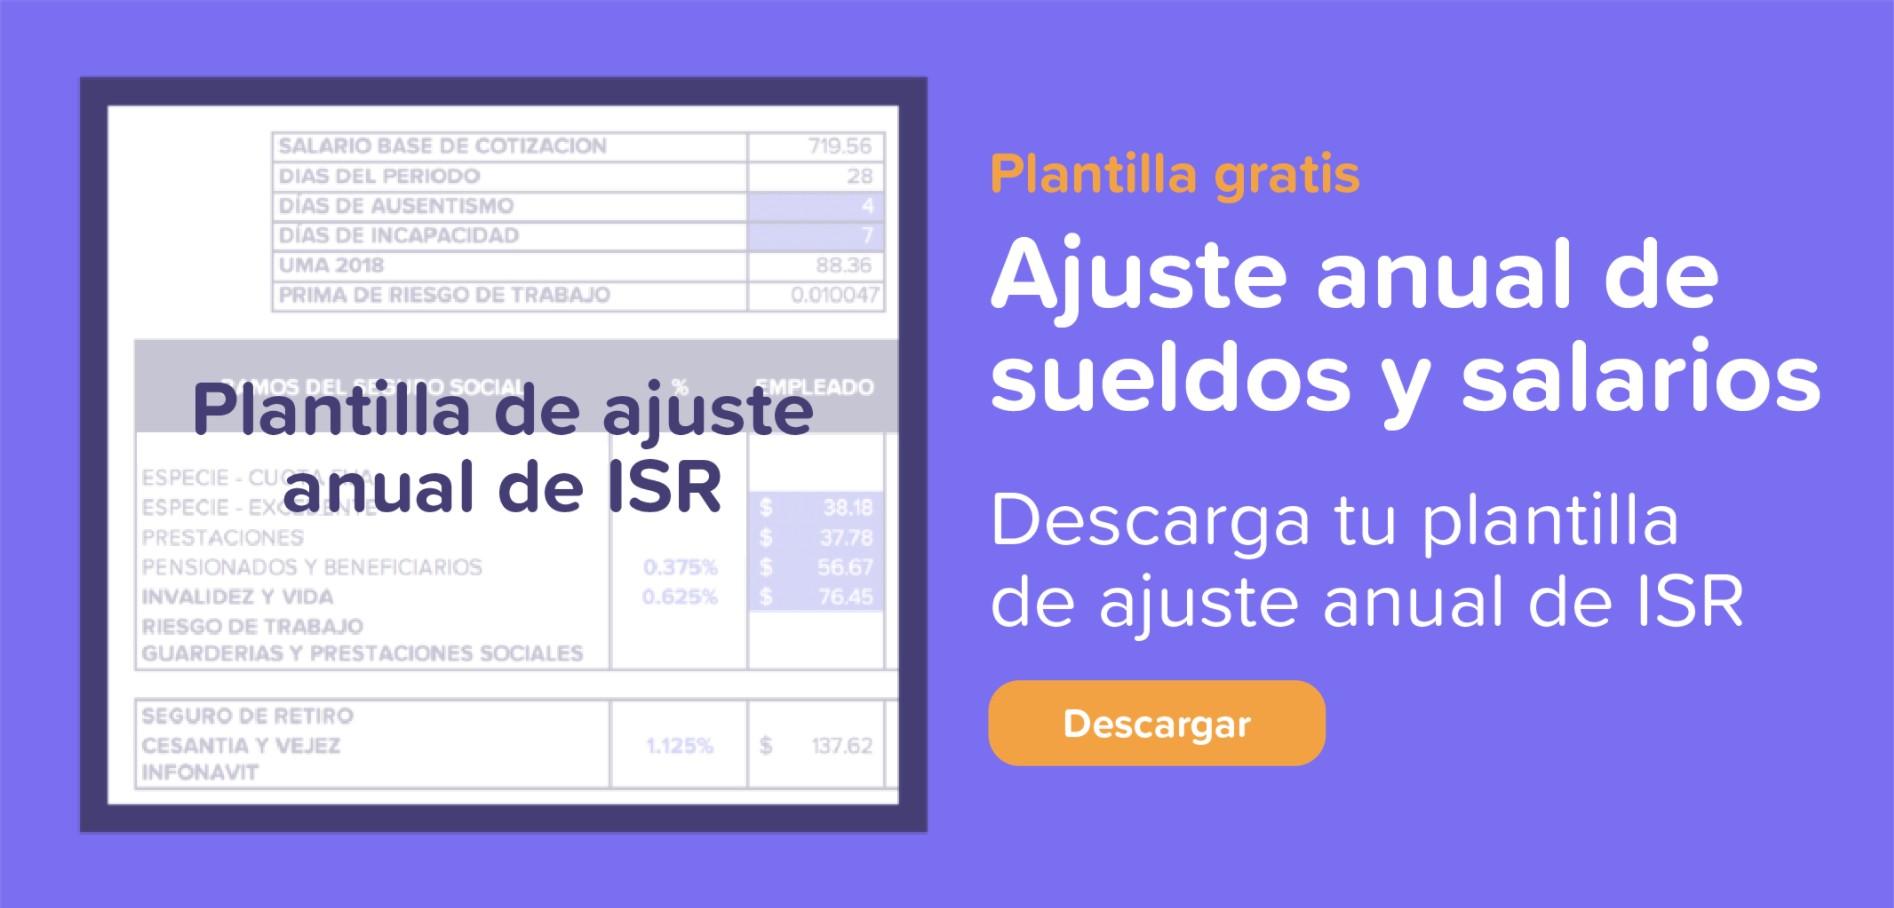 Plantilla de Ajuste Anual de ISR | Runa HR